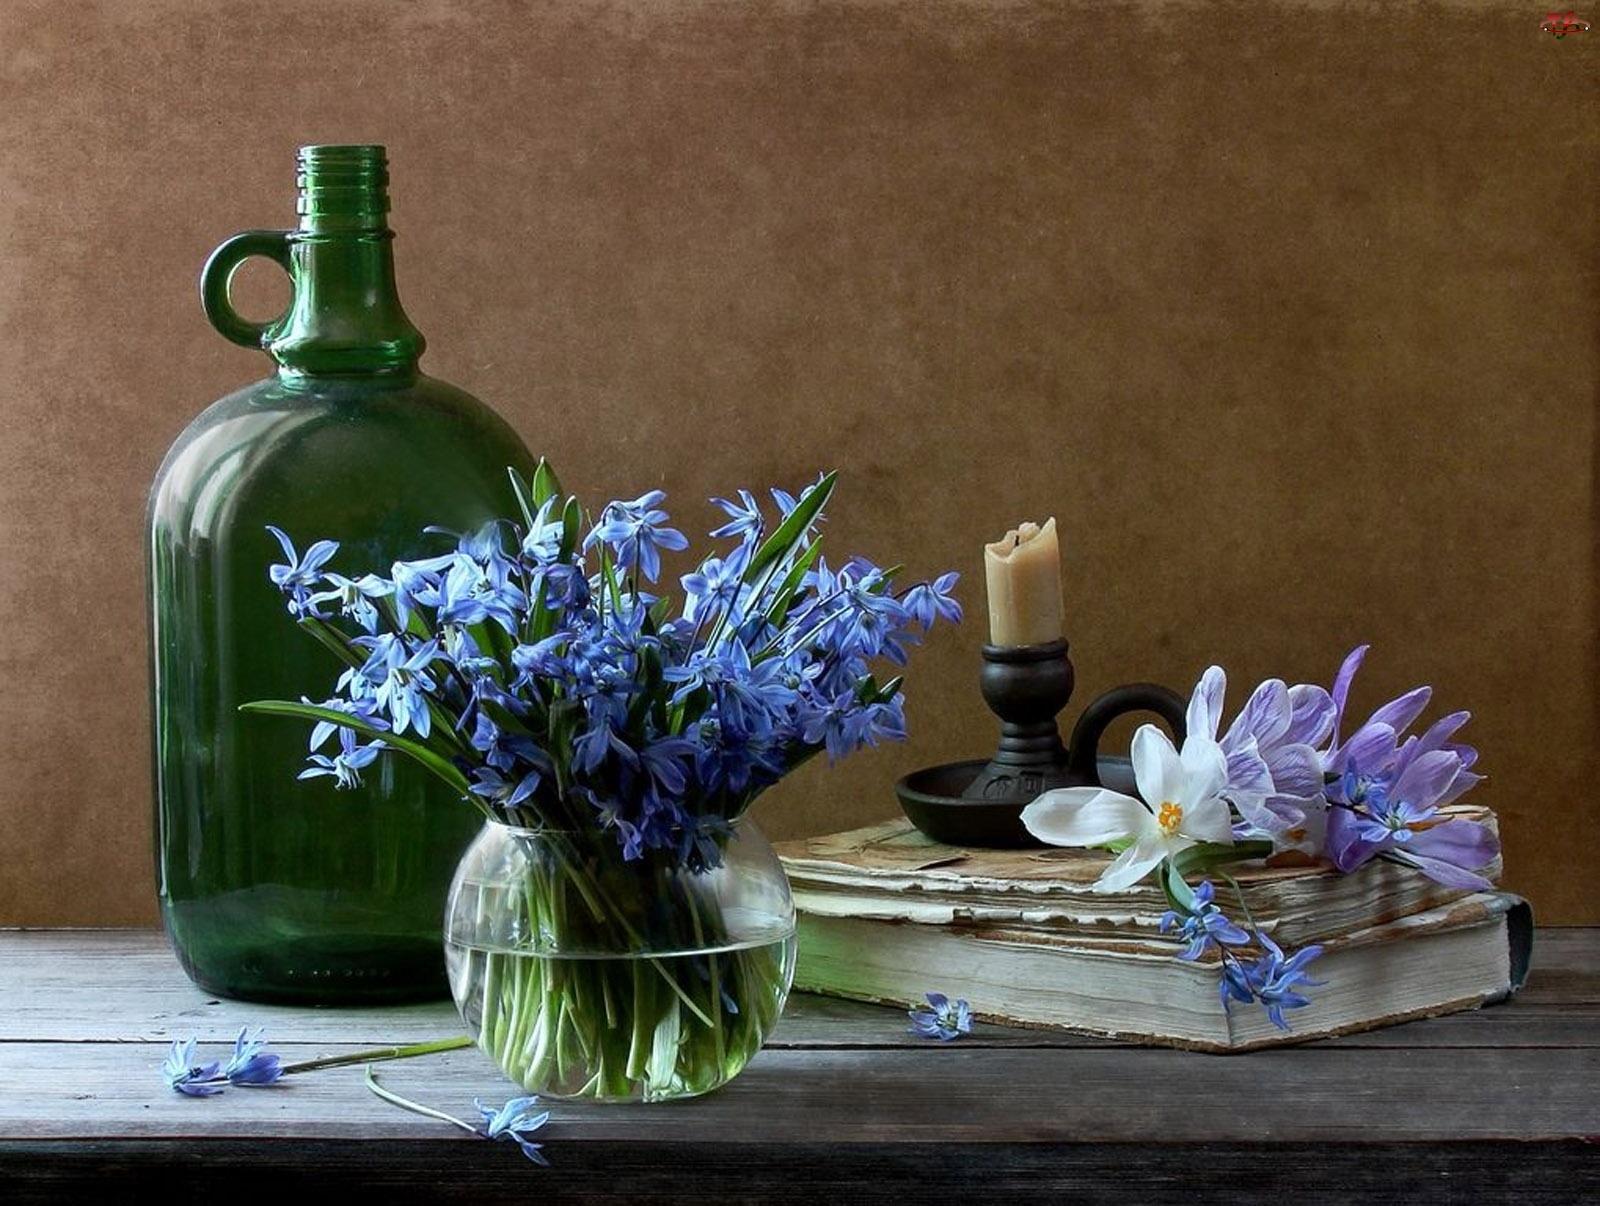 Książka, Cebulica, Świecznik, Bukiet Kwiatów